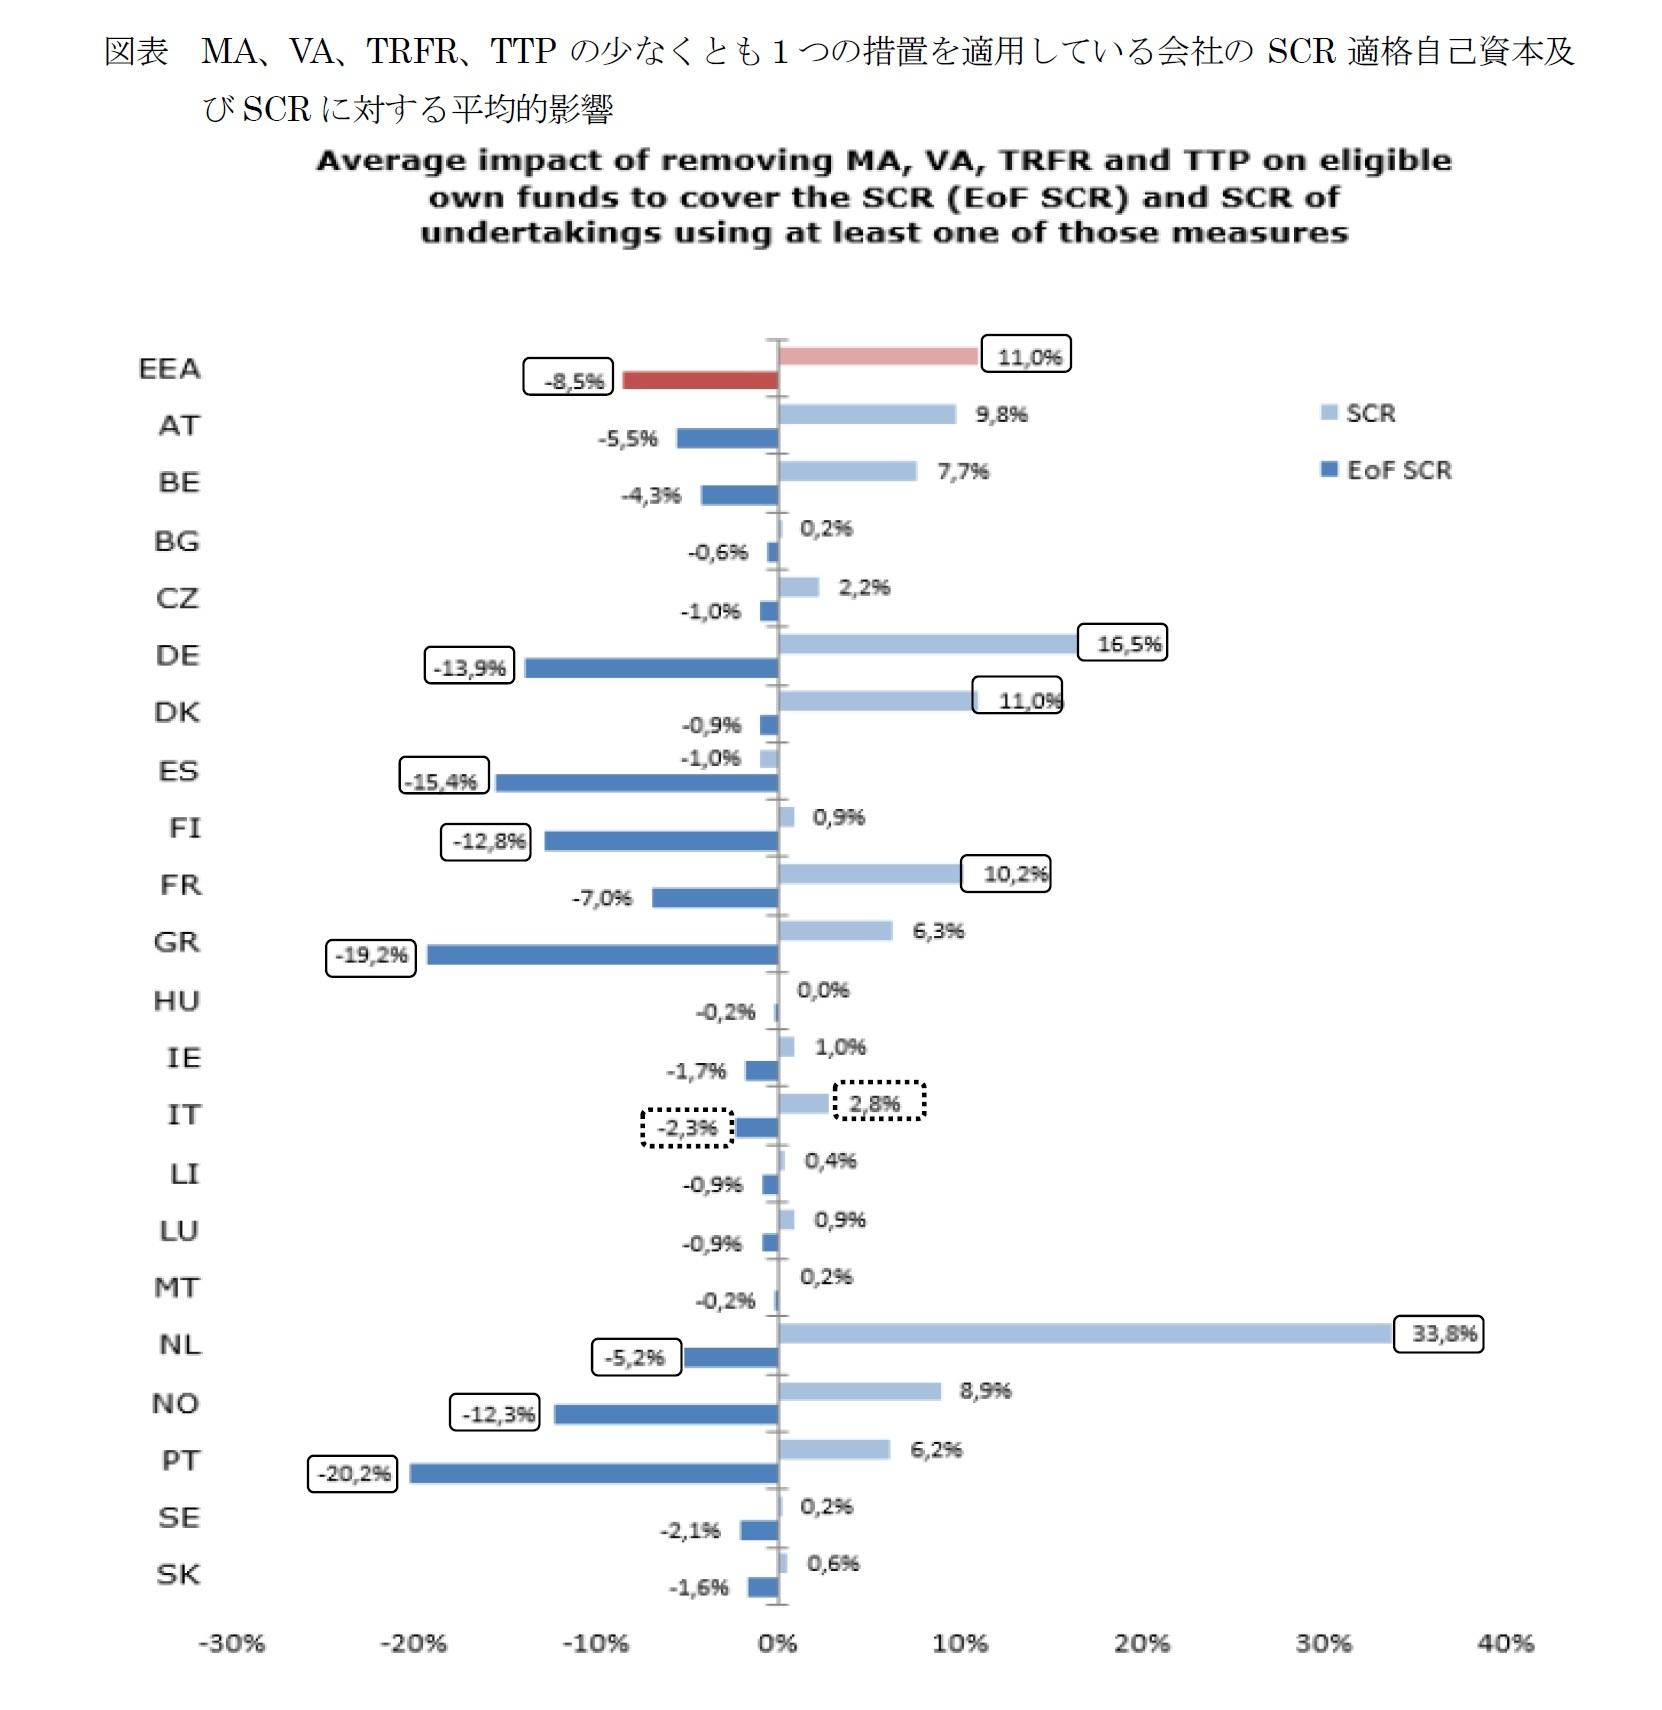 図表 MA、VA、TRFR、TTPの少なくとも1つの措置を適用している会社のSCR適格自己資本及びSCRに対する平均的影響